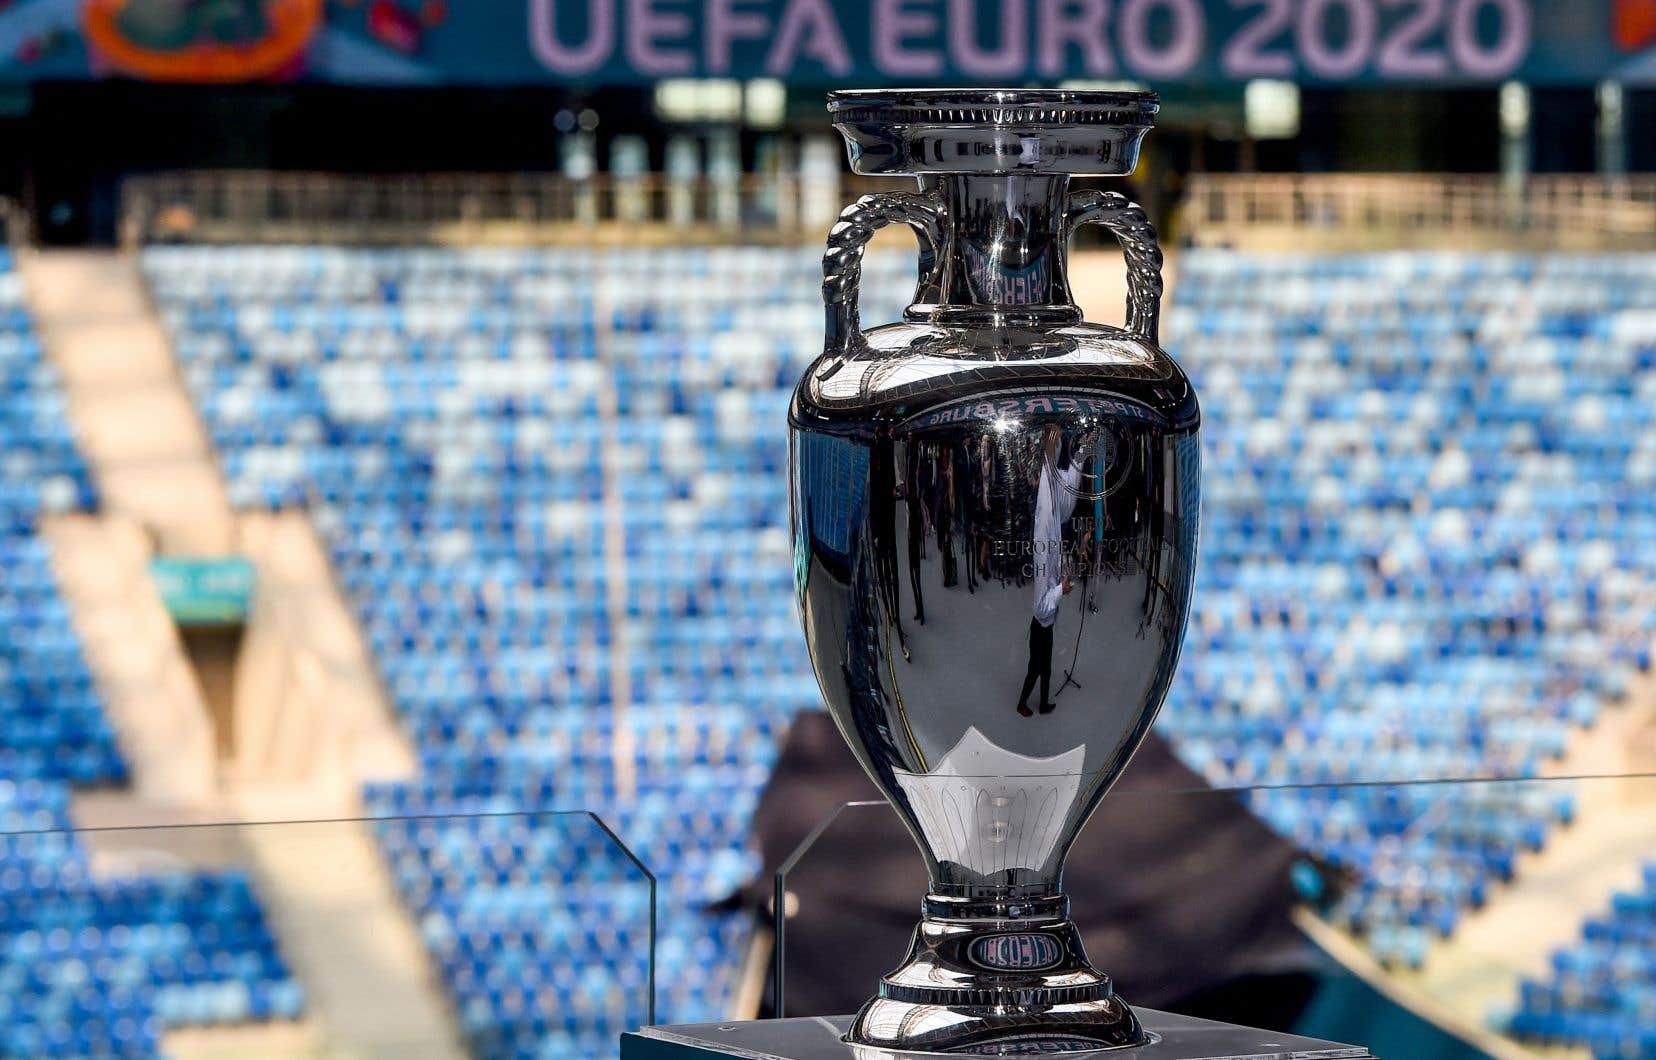 Le coup d'envoi de l'Euro 2020 sera donné le 11juin avec 24 équipes s'affrontant un peu partout à travers le continent, de Glasgow à Saint-Pétersbourg en passant par Munich.